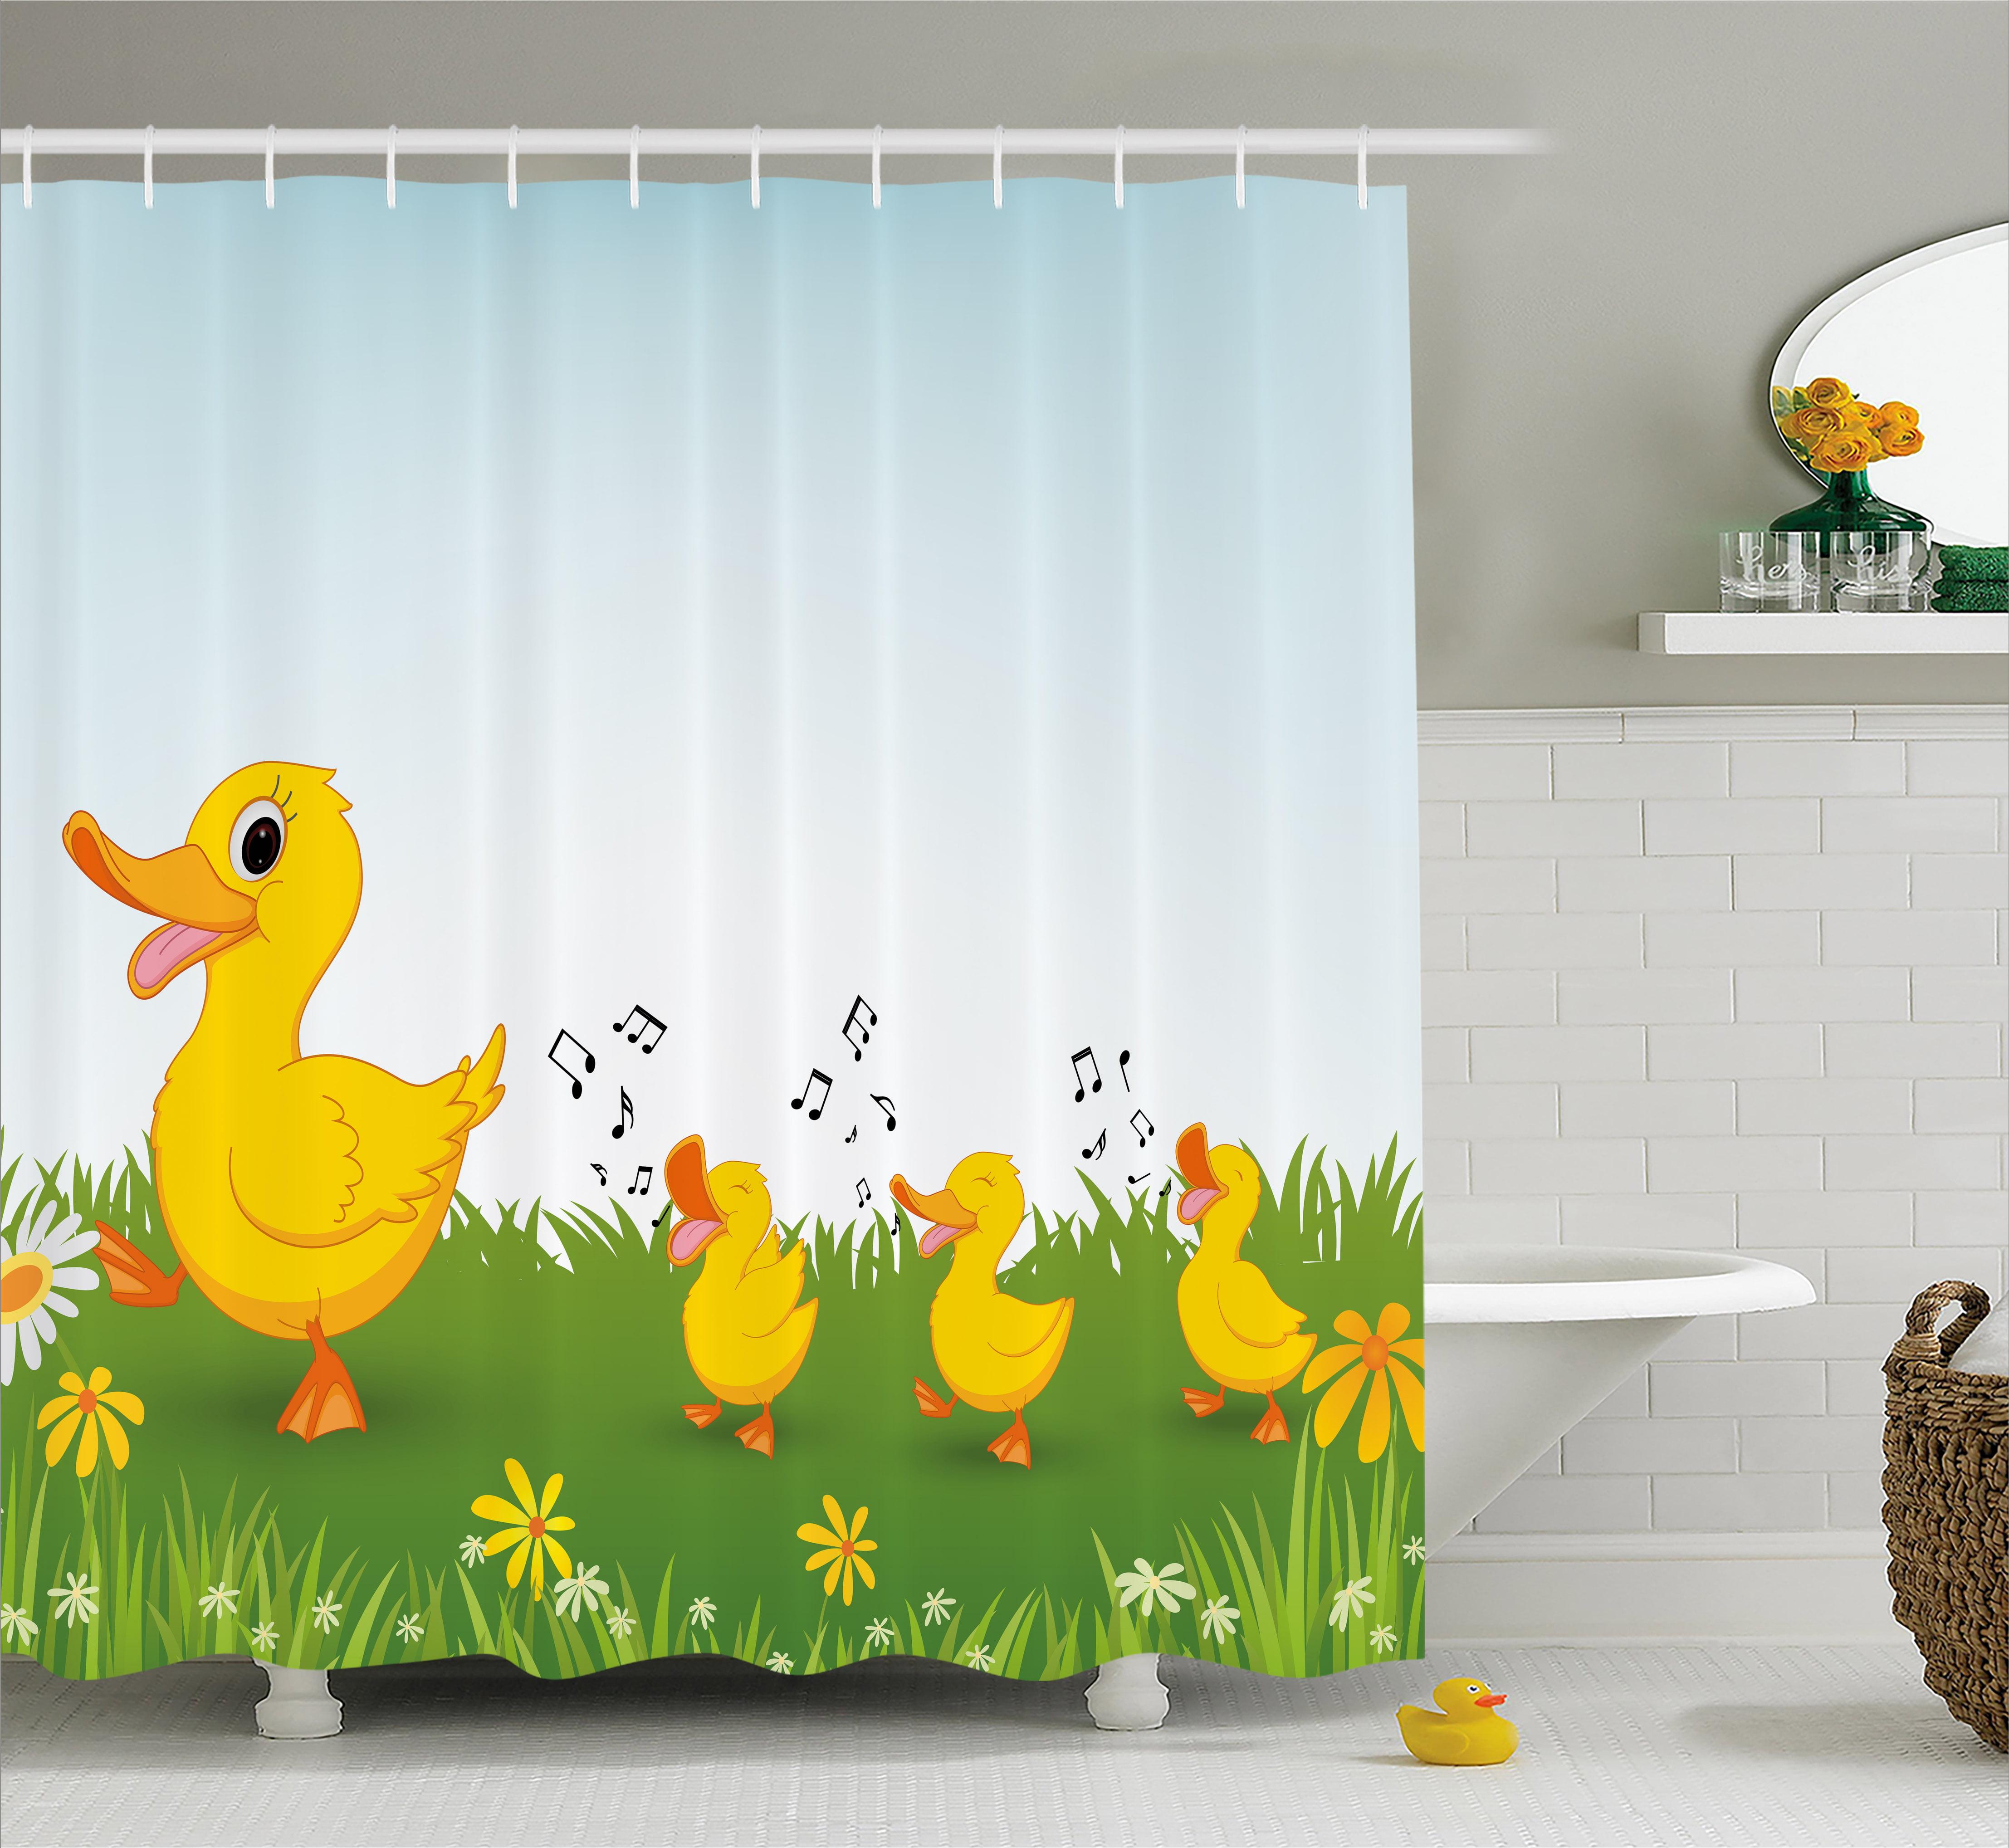 Cartoon Shower Curtain, Mother Duck and Babies Walking an...